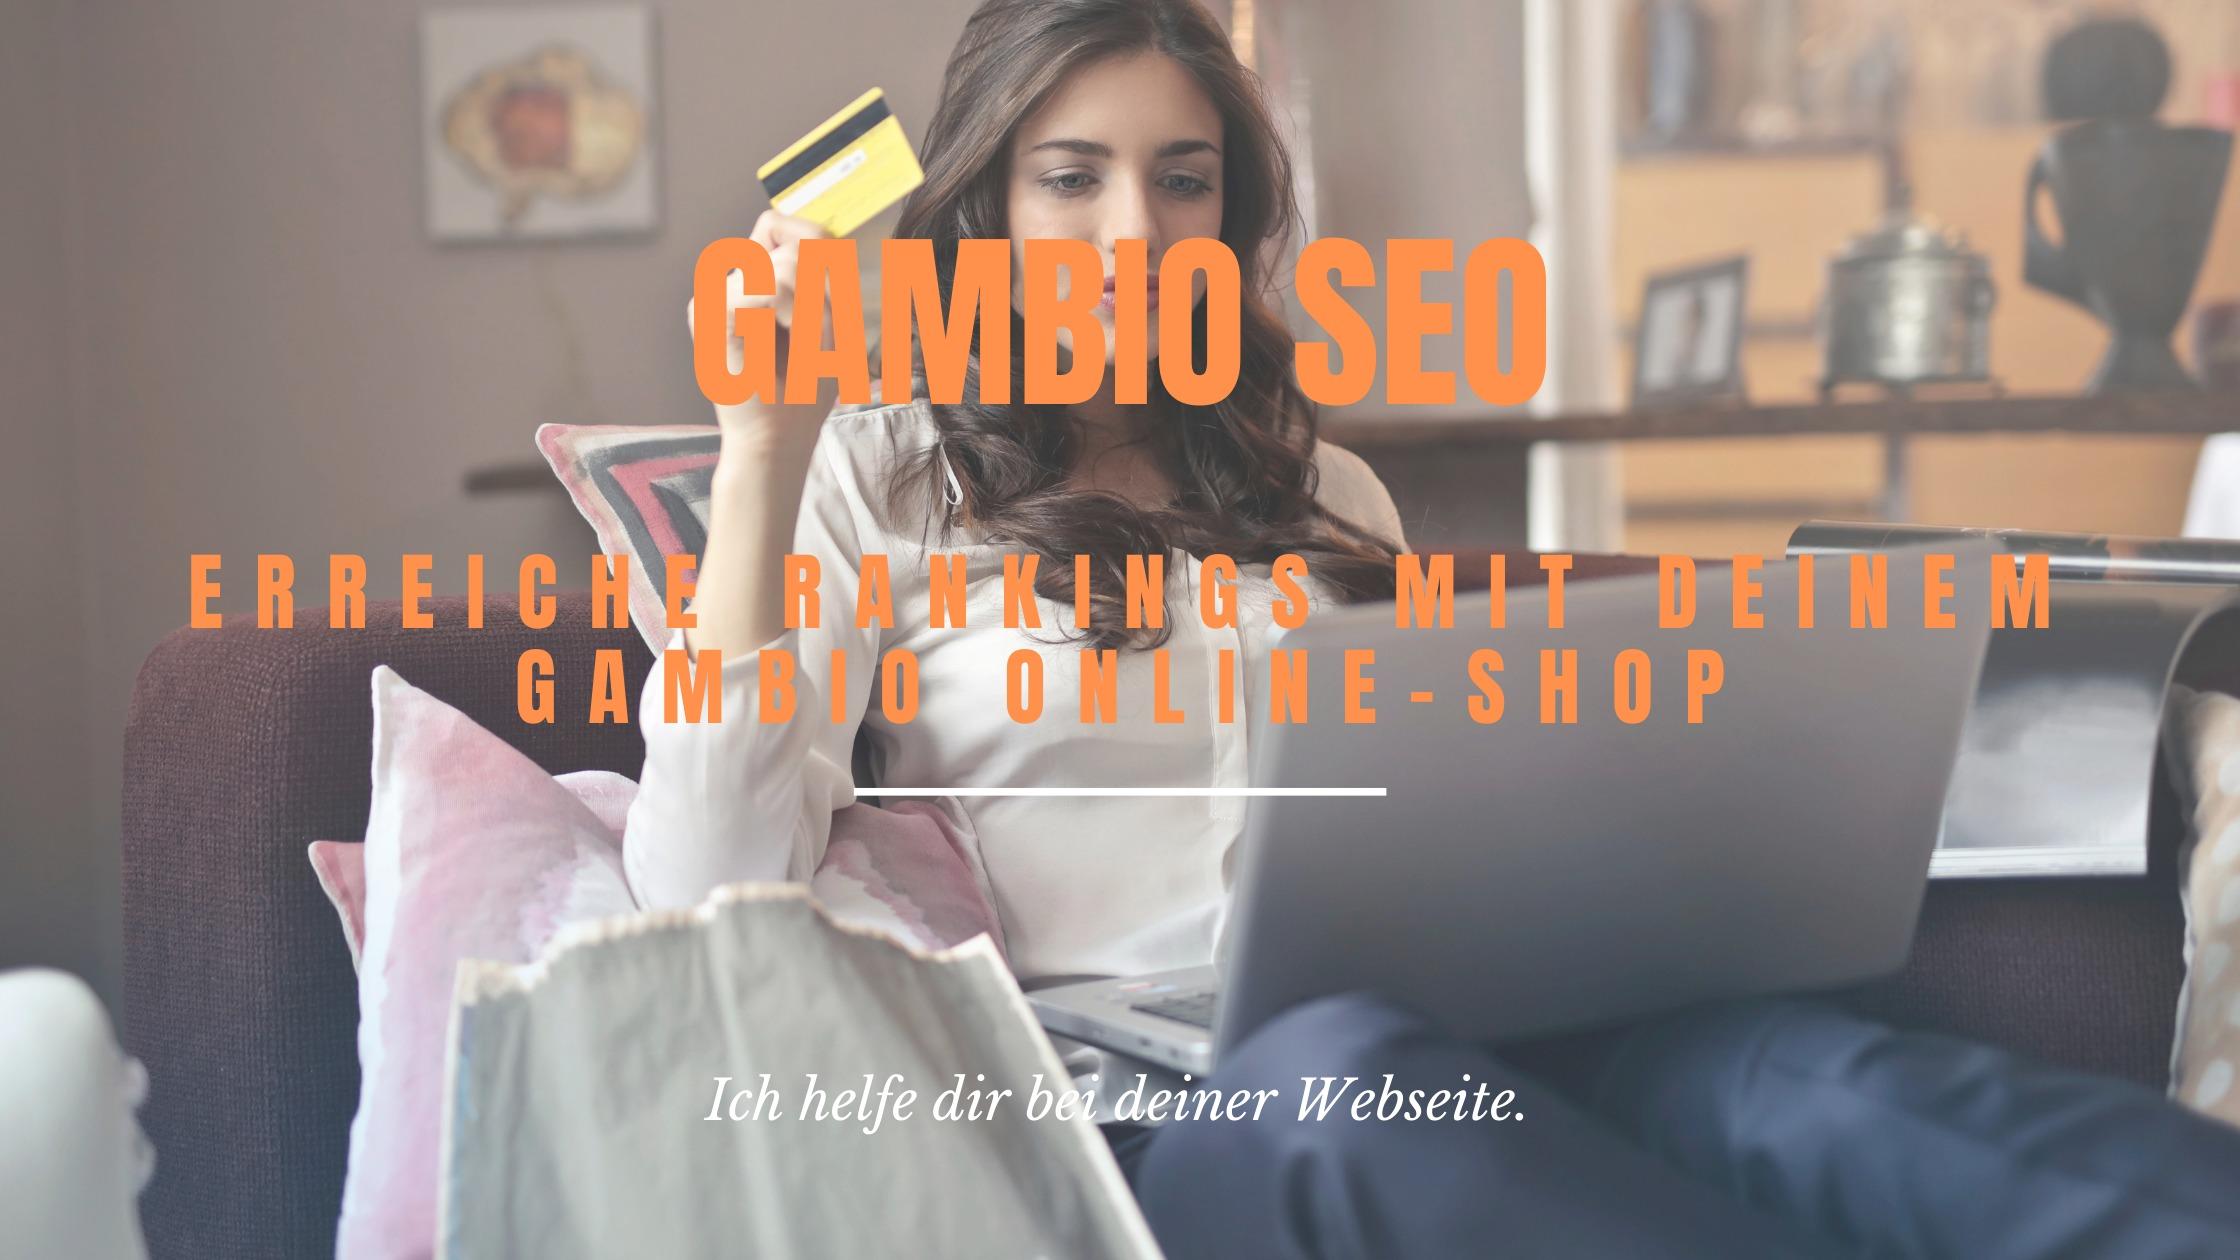 Gambio SEO